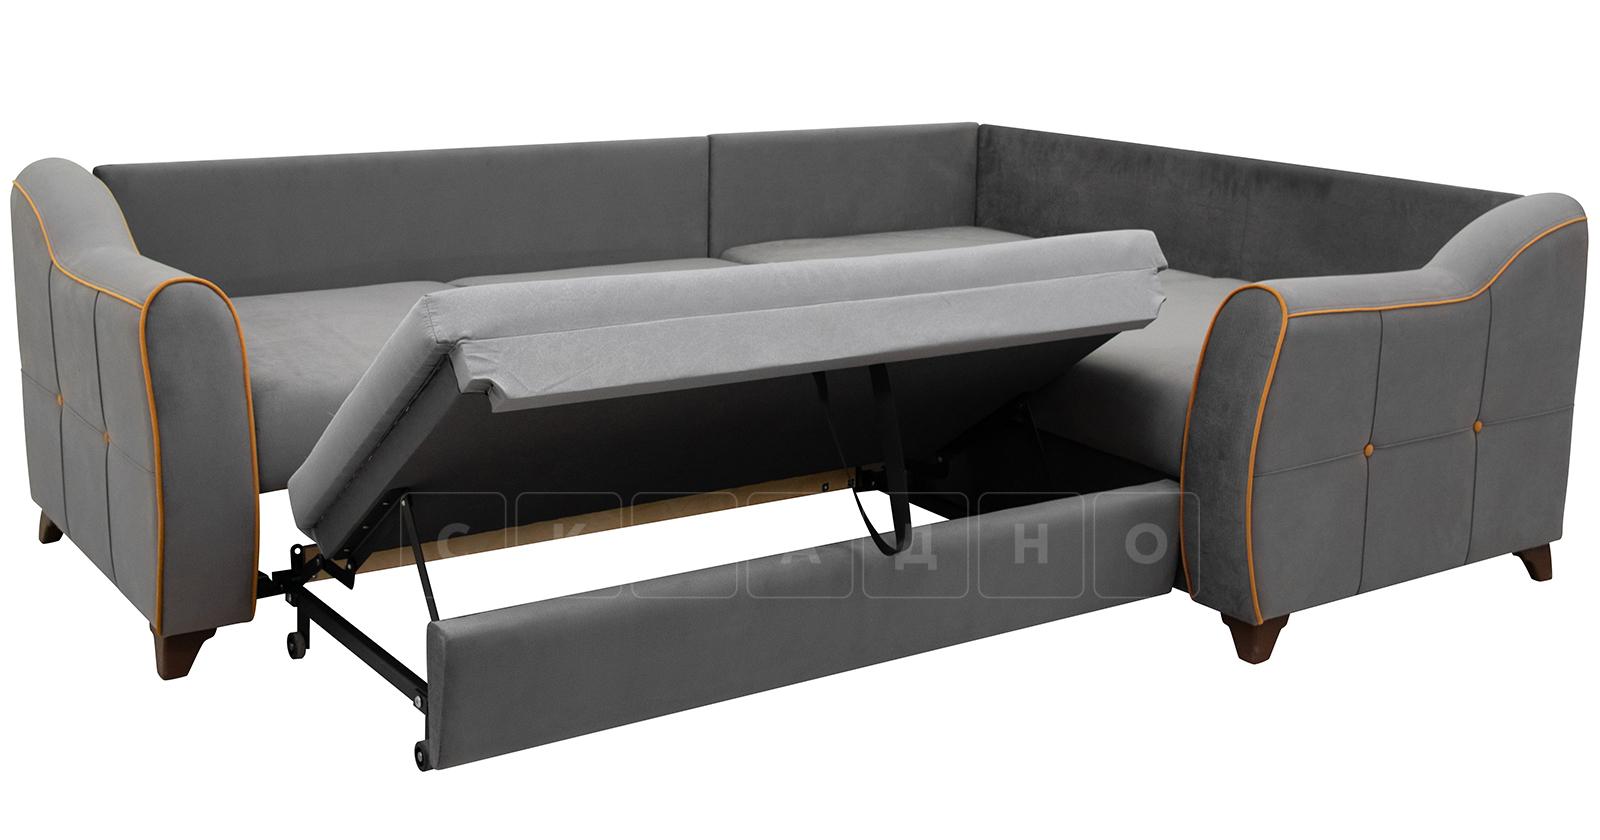 Диван-кровать угловой Флэтфорд кварцевый серый фото 5   интернет-магазин Складно